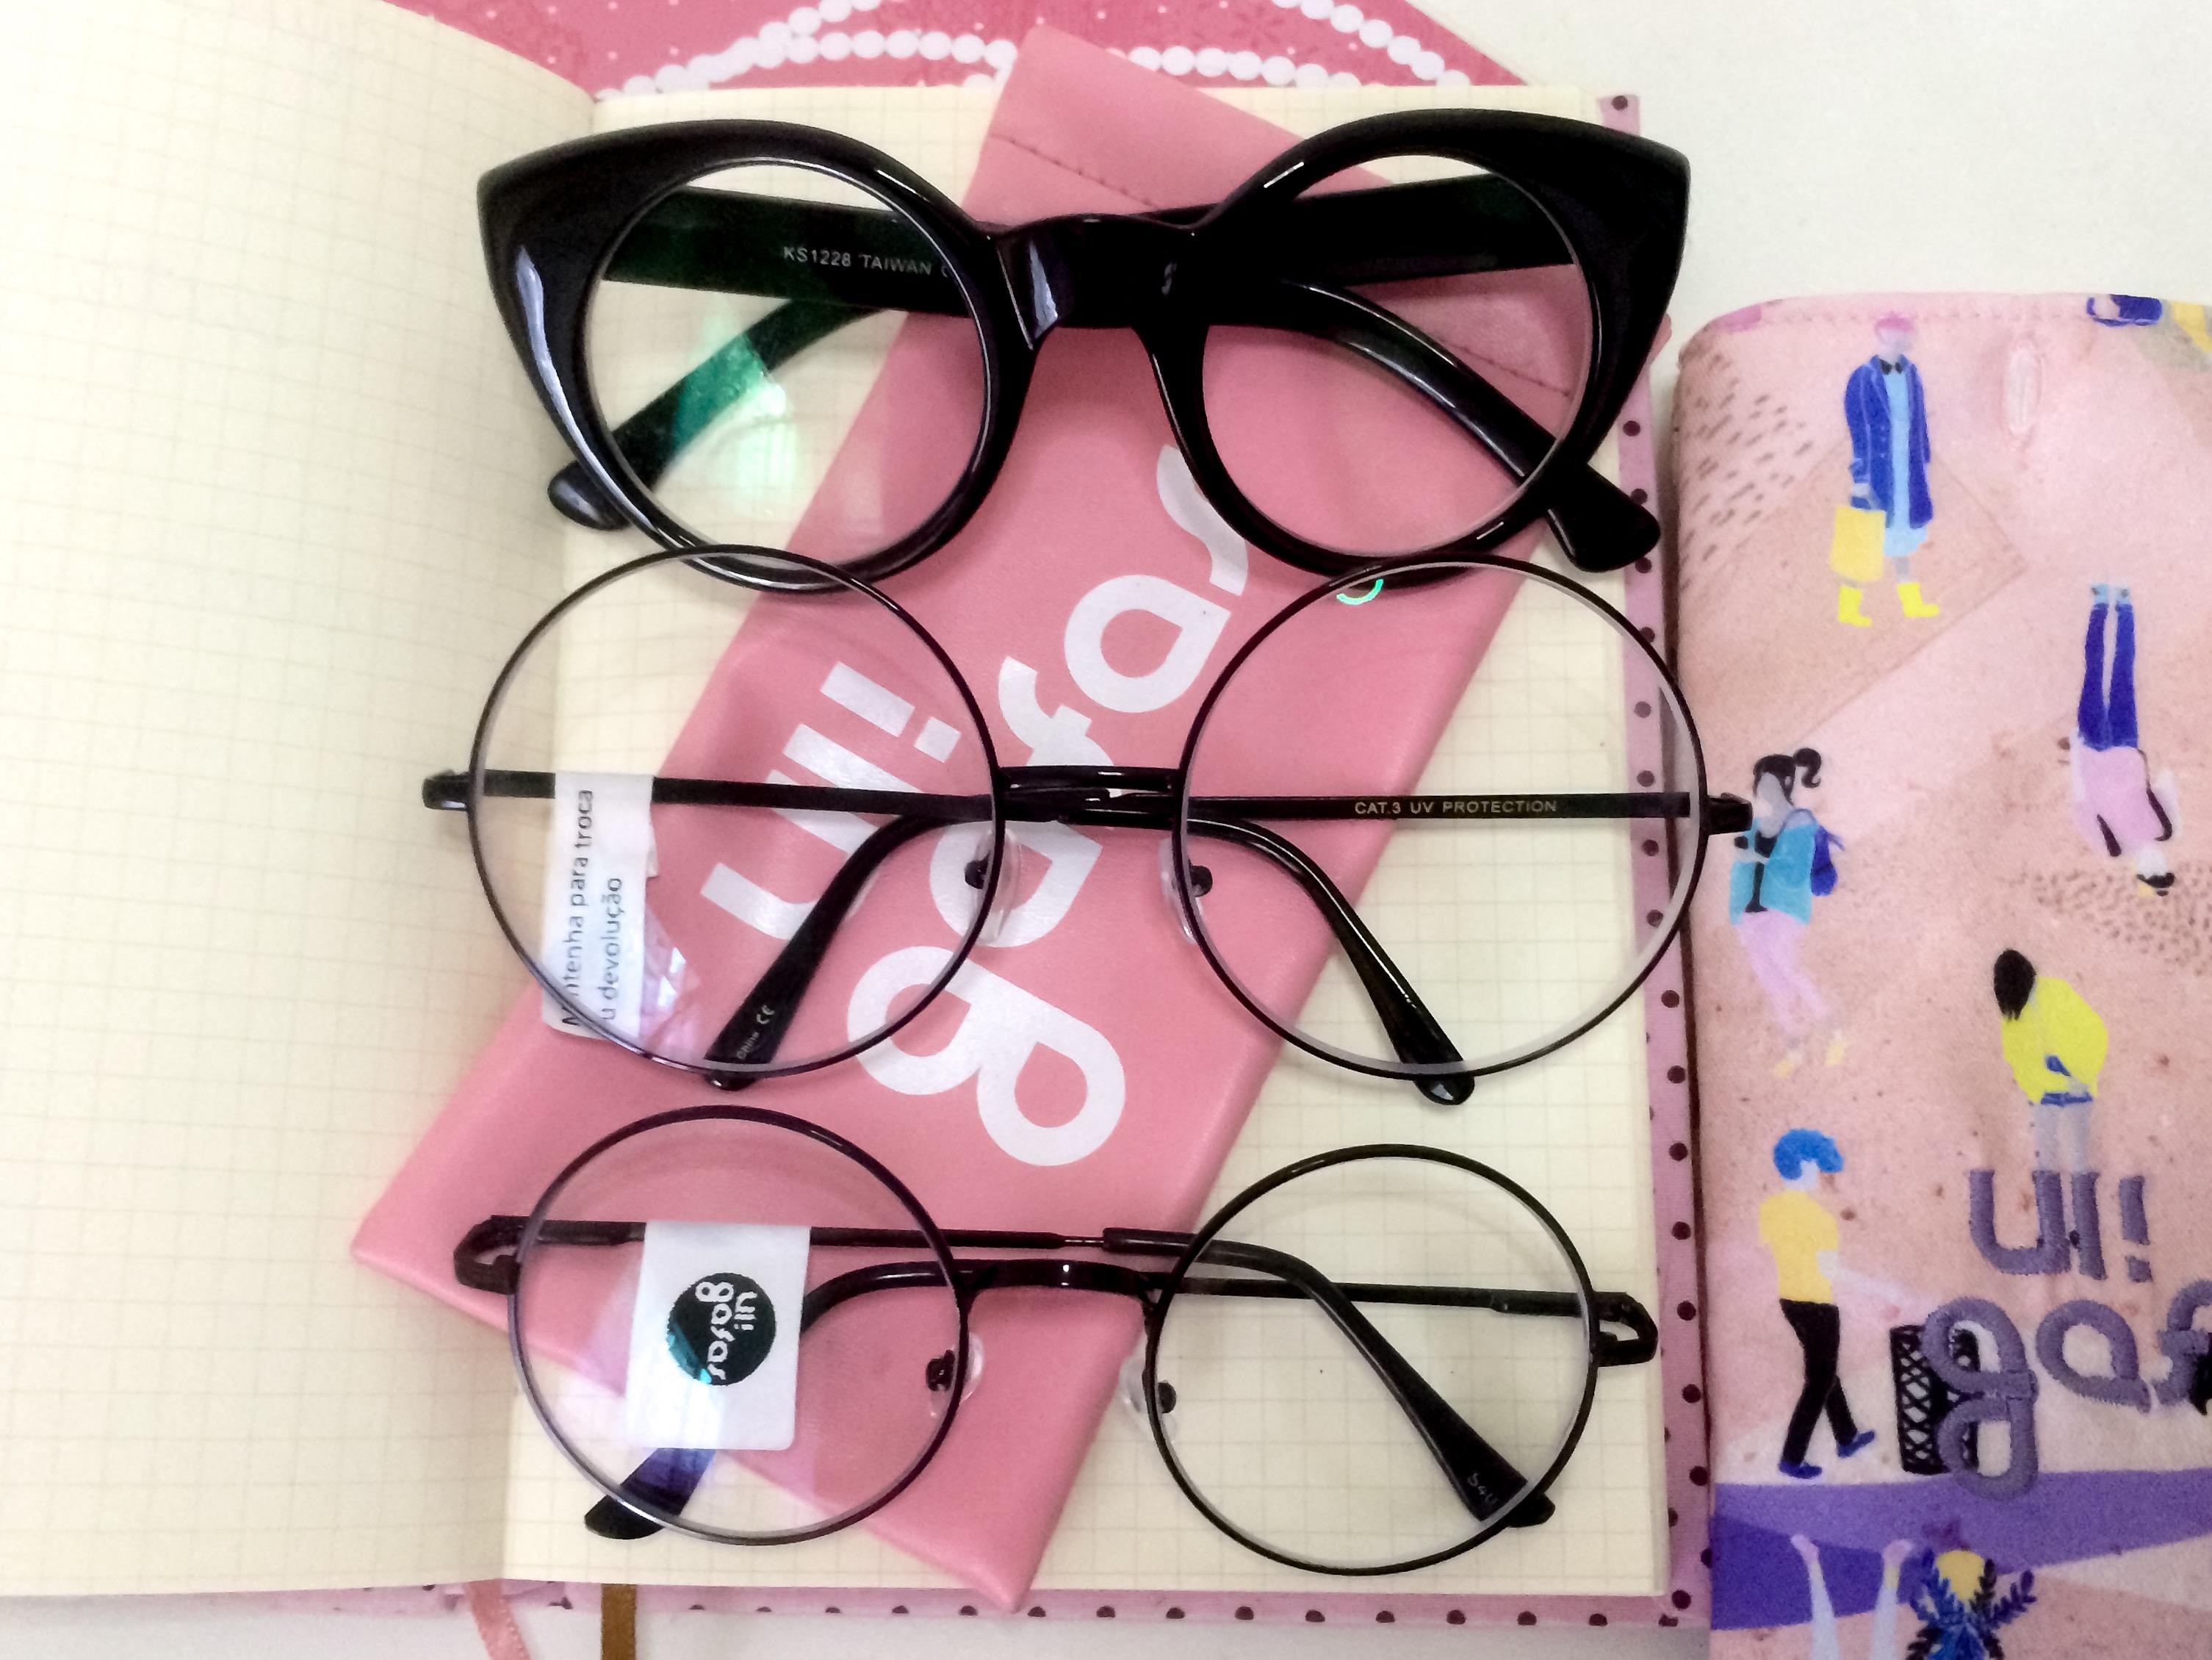 9cd77c414f34c Ui Gafas  comprando lentes de grau   Sentimentaligrafia